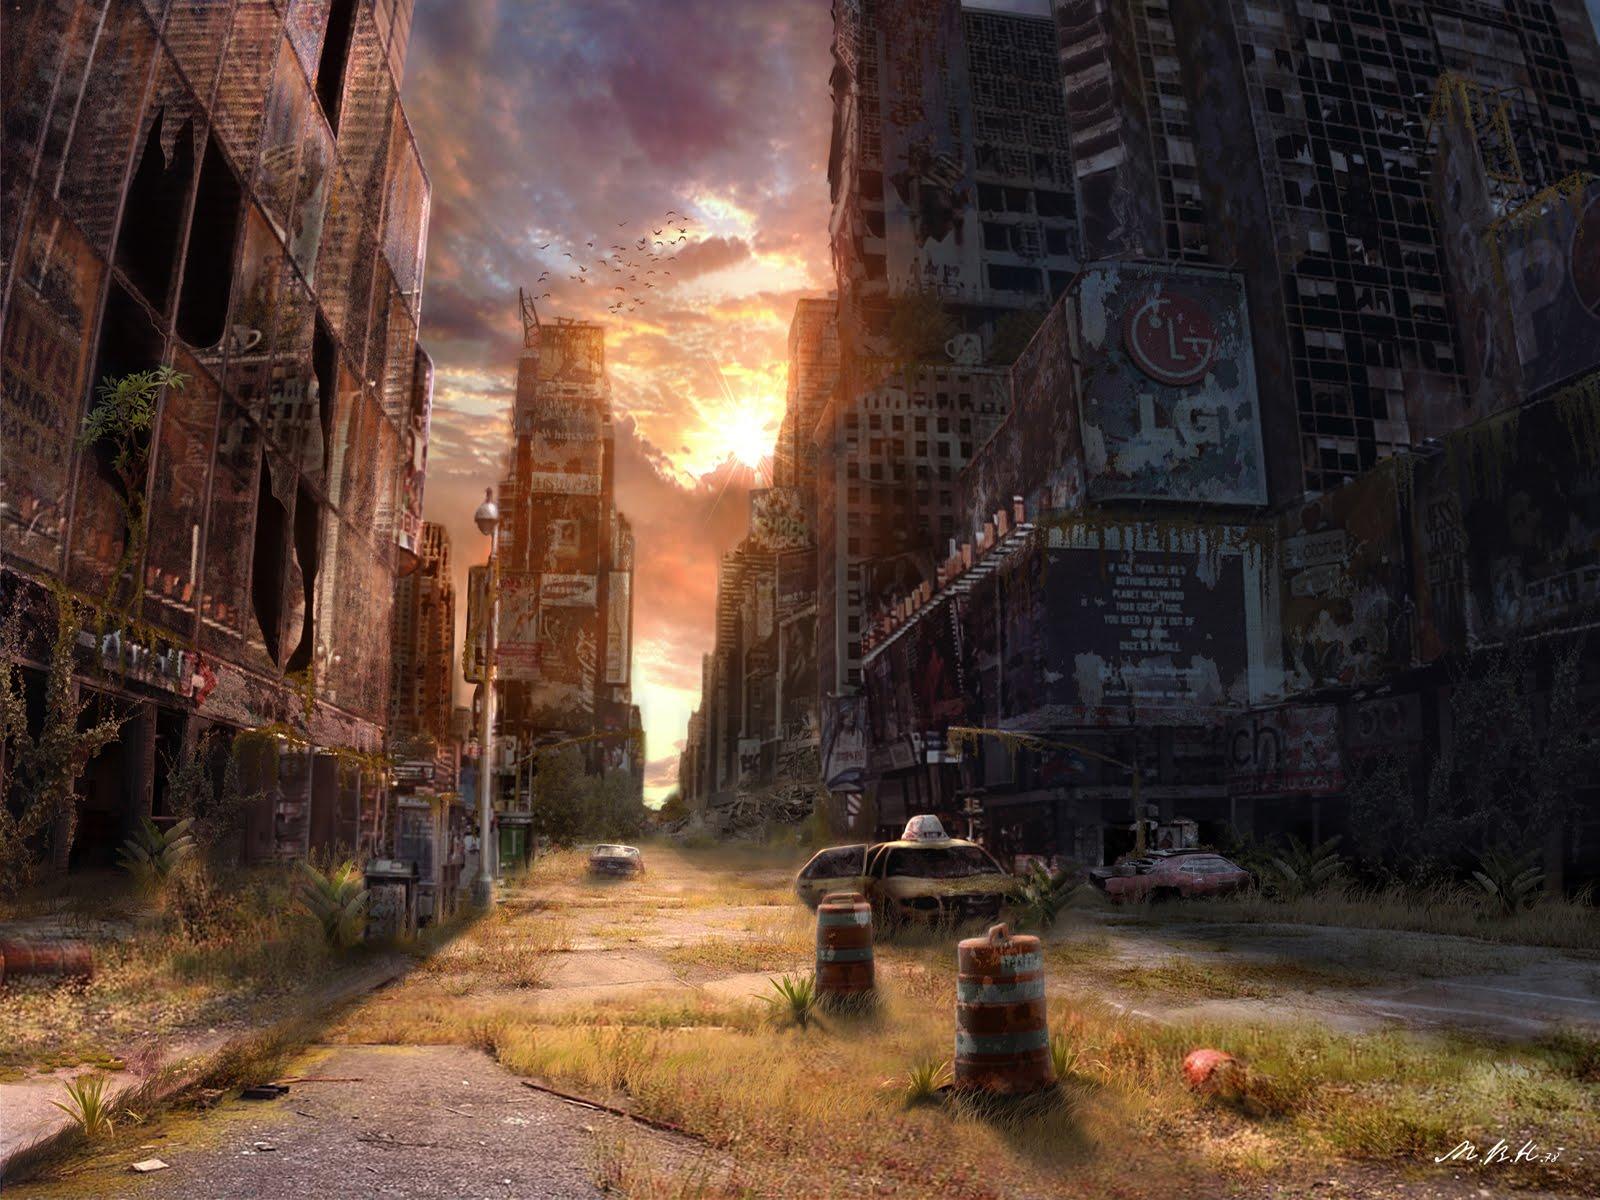 Sondage: selon vous, que nous réservent les 10 prochaines années? - Page 4 Apocalypse-70